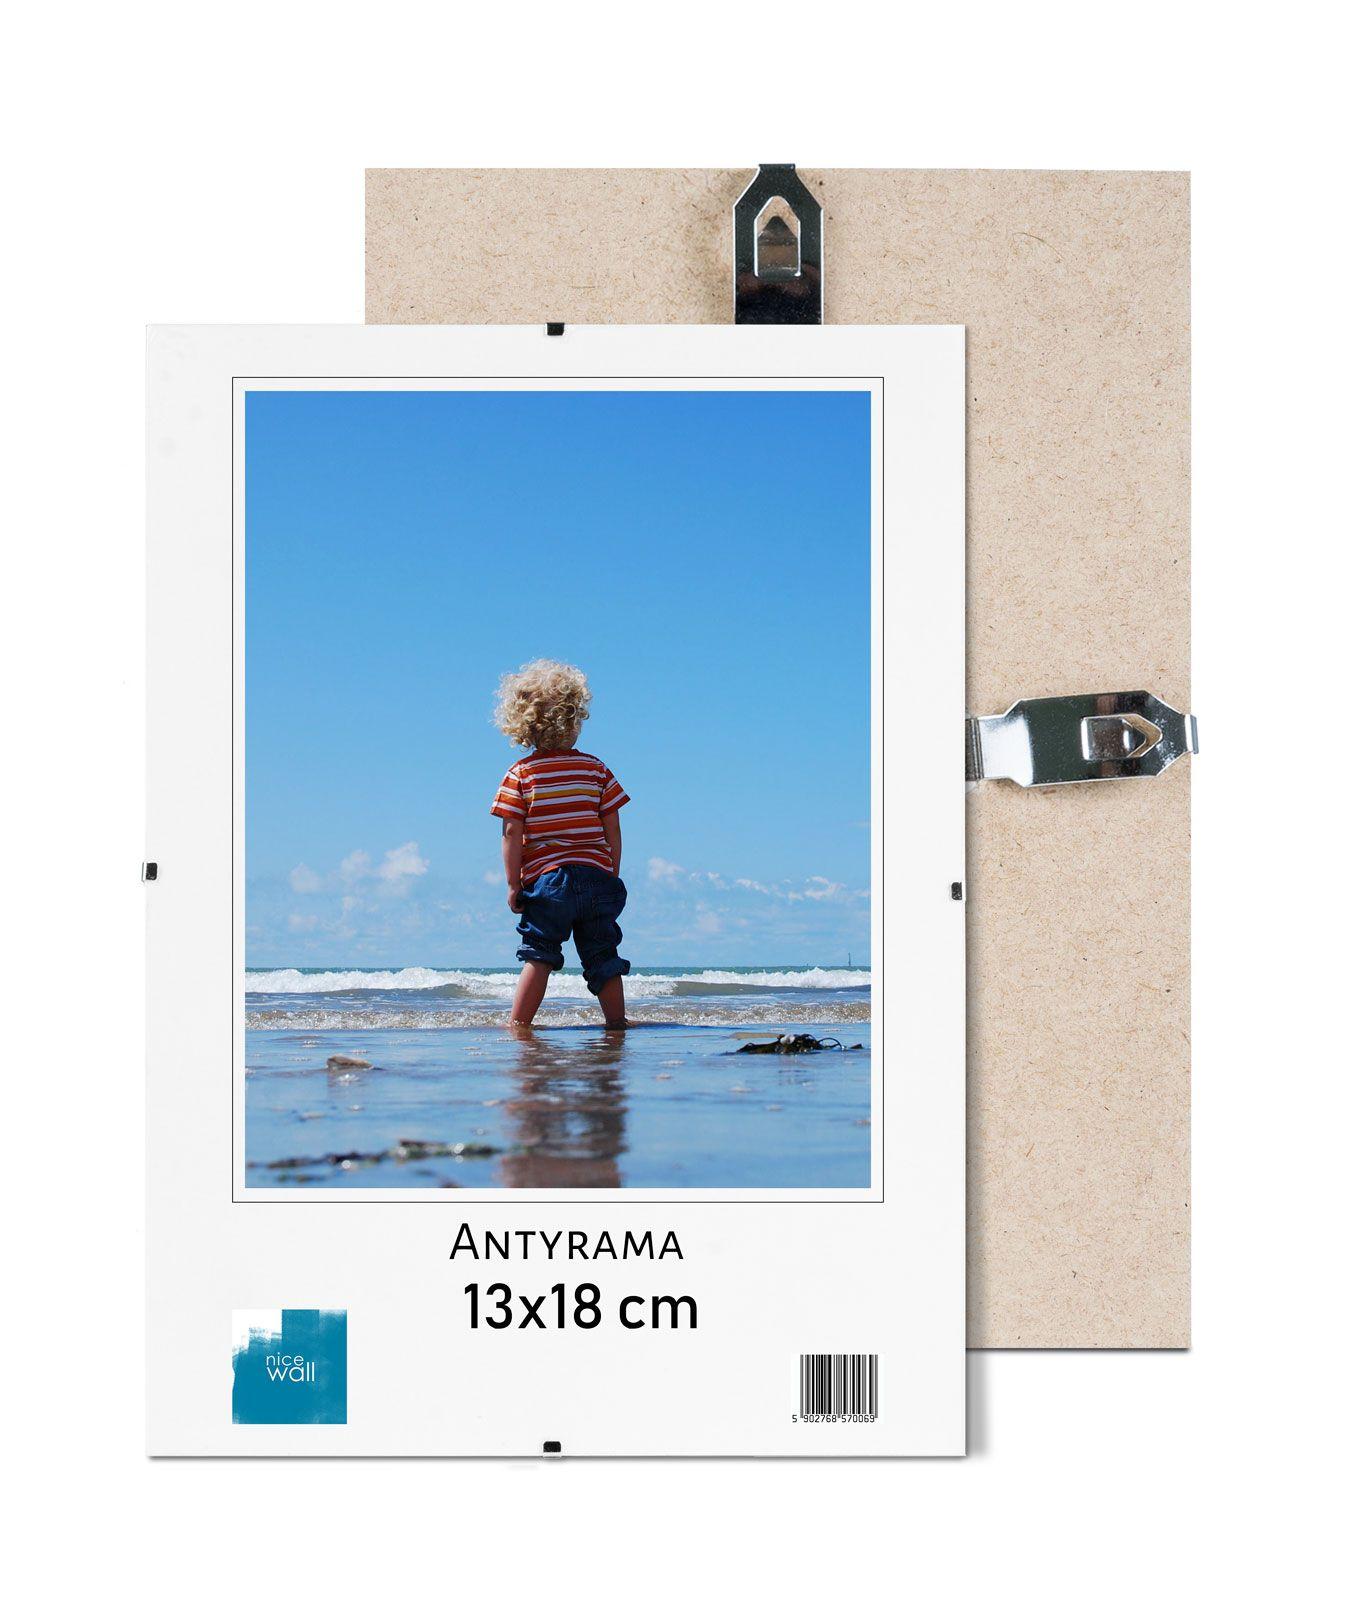 Antirama 13x18 cm Antirami 18x13 cm Antirama B6